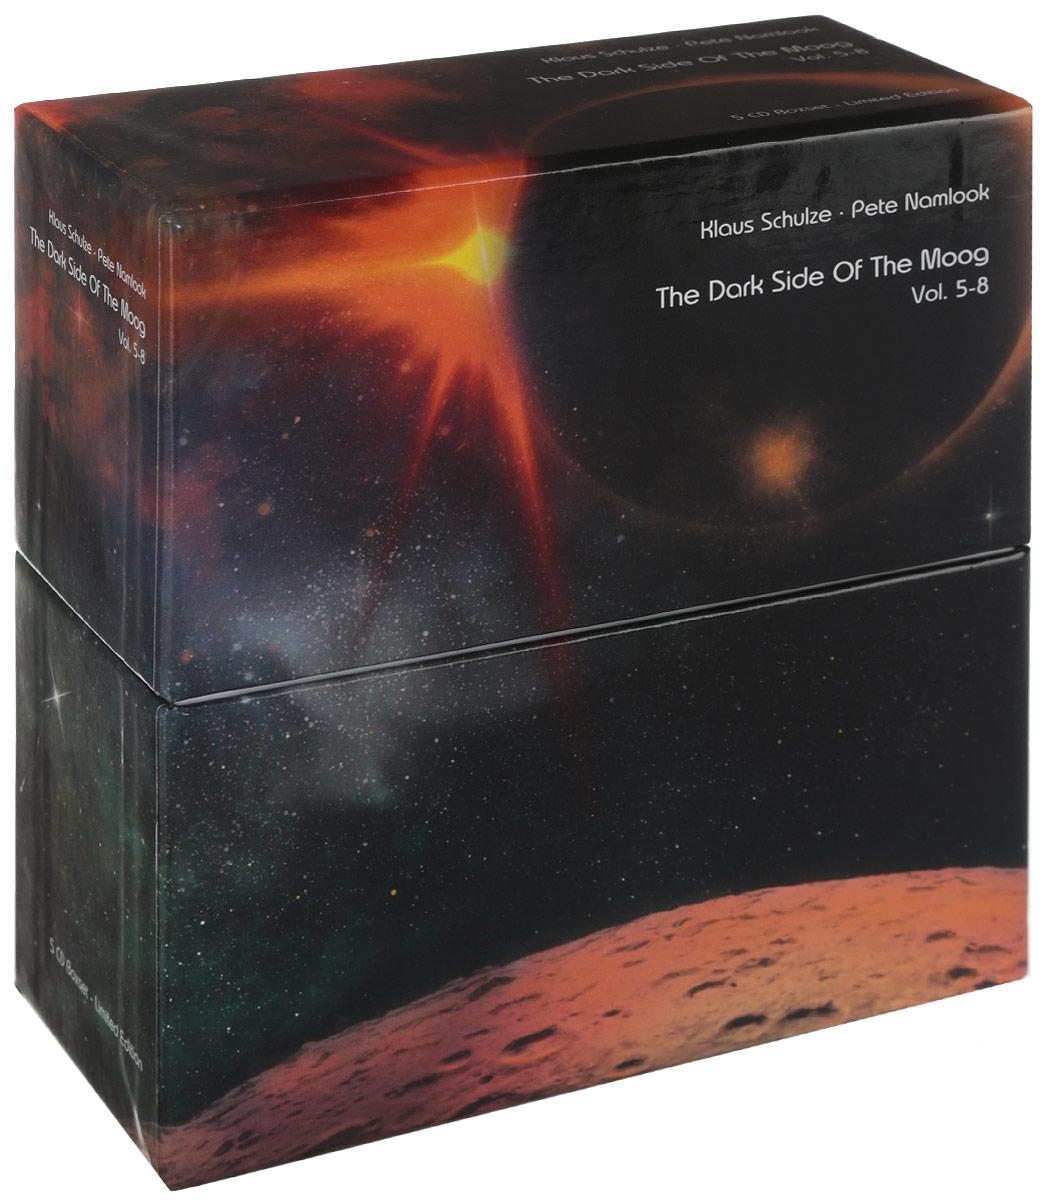 К каждому диску прилагается буклет с дополнительной информацией на немецком и английском языках.